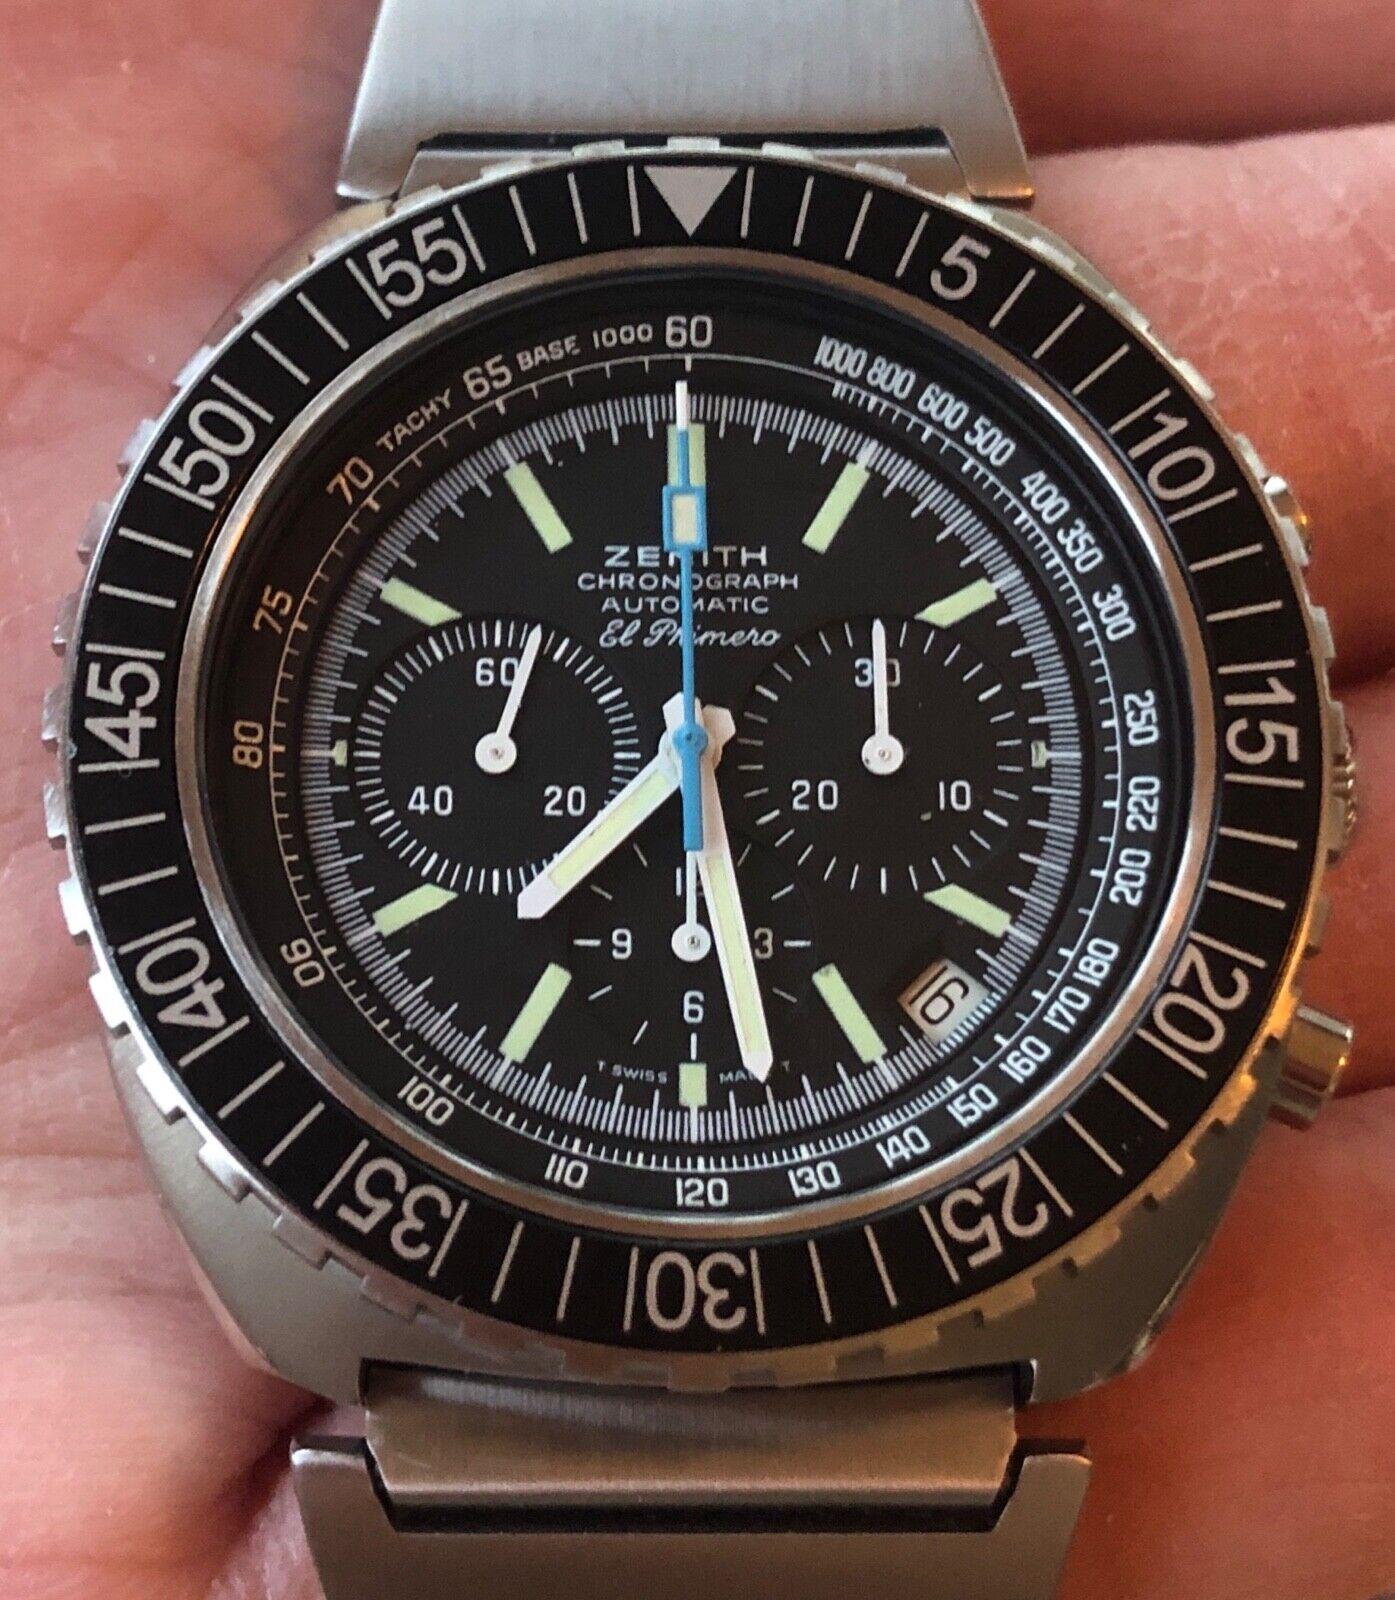 Vintage Zenith Pilot Diver Chronograph, lobster bracelet, El Primero 01.0190.415 - watch picture 1